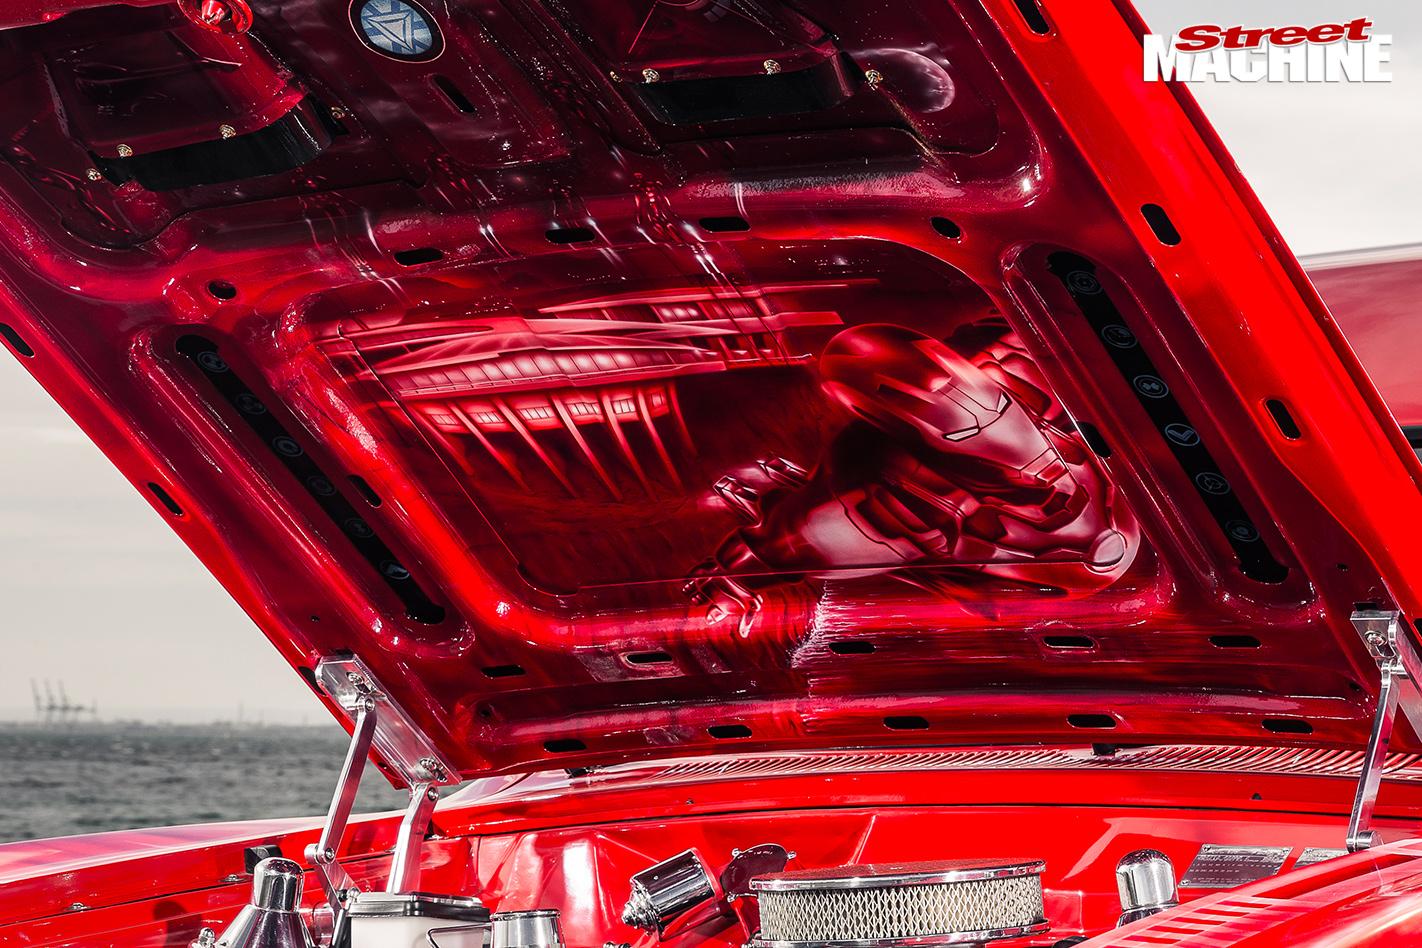 Ford -XC-wagon -jaffa -bonnet -underneath